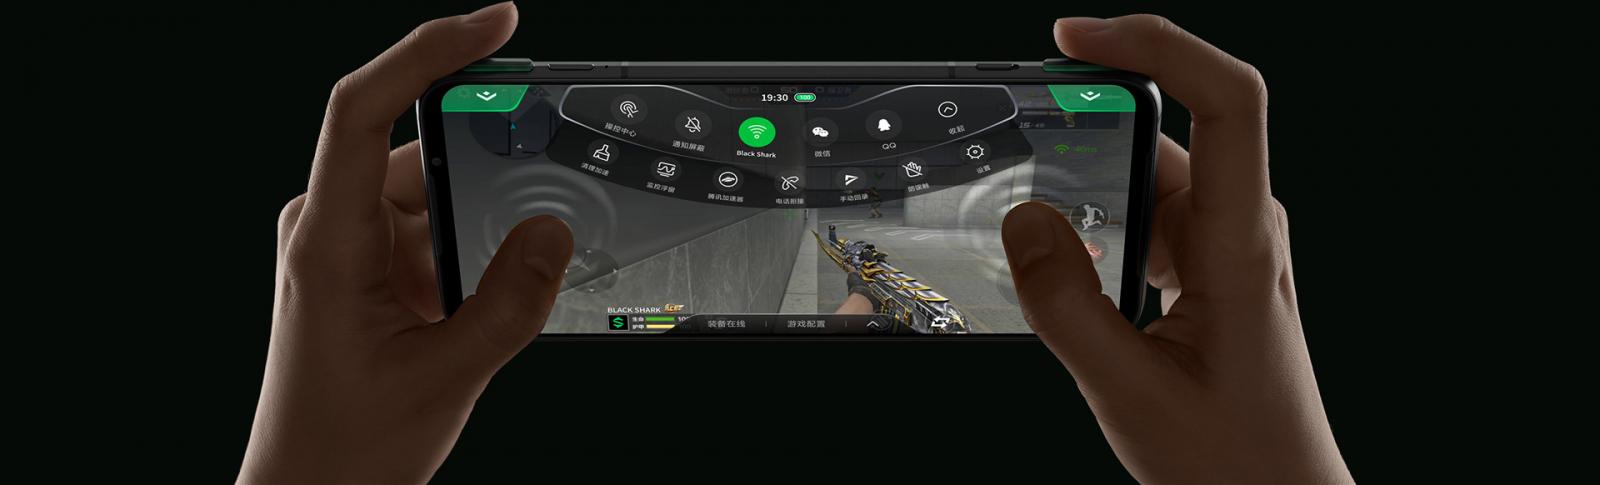 مواصفات هاتف Black Shark 3 المخصص للألعاب